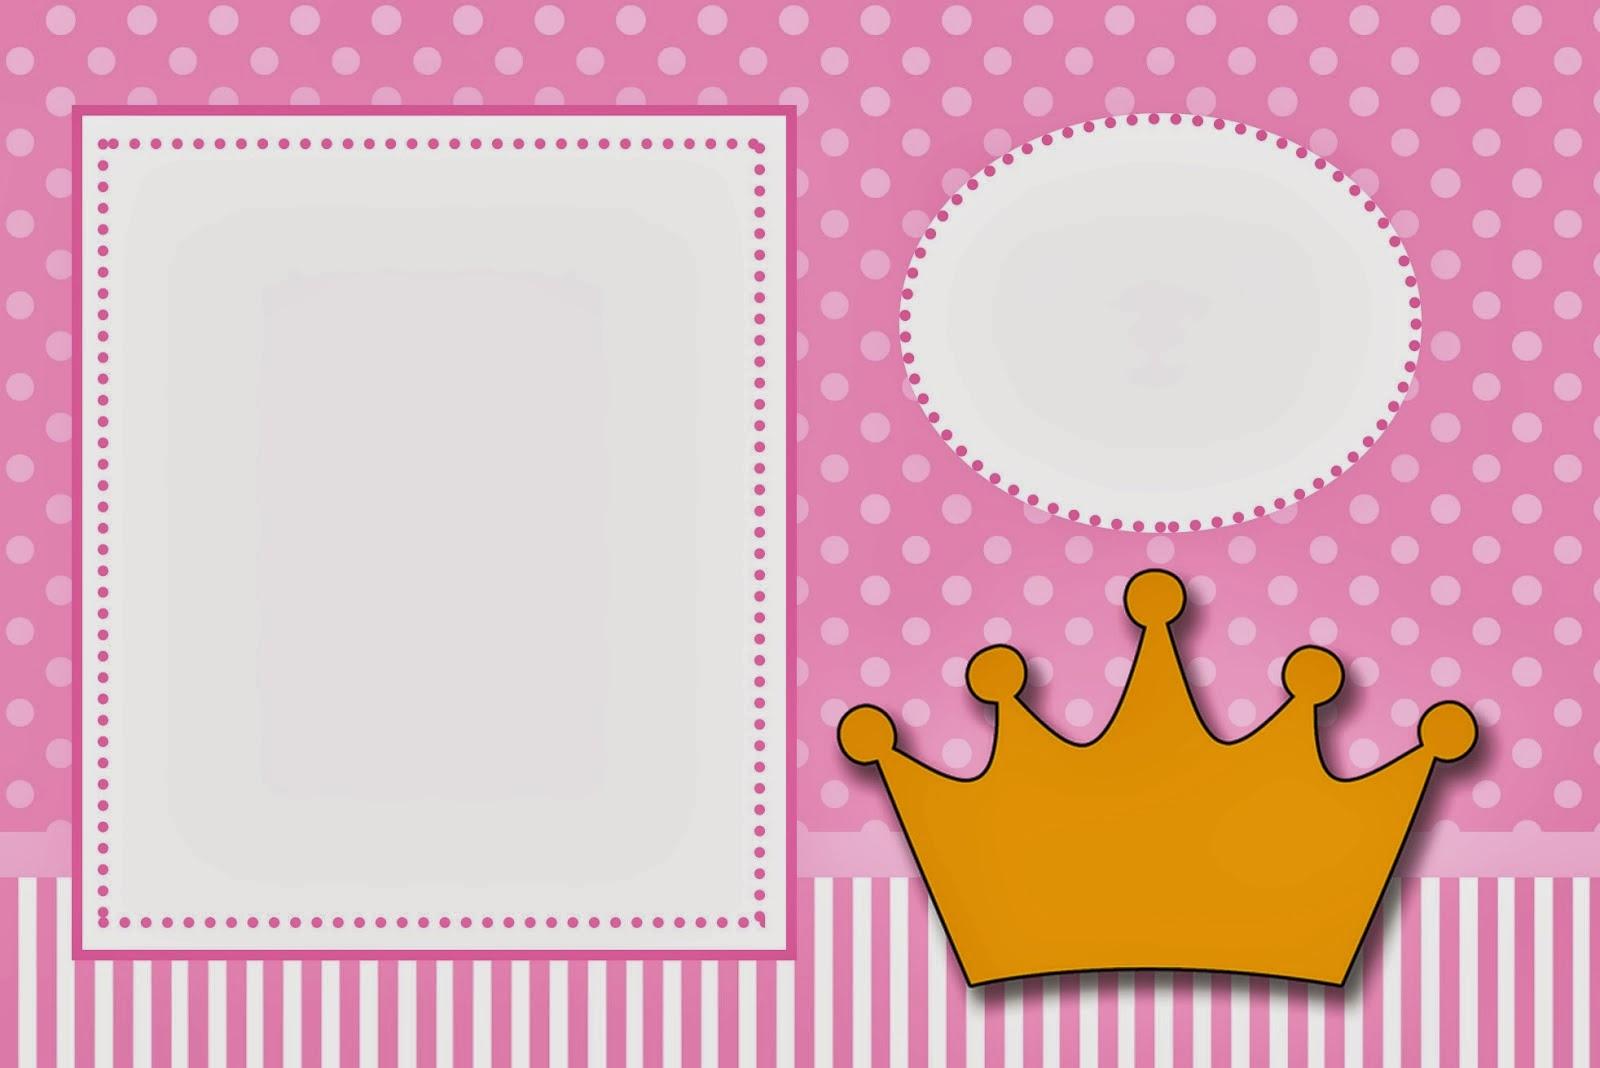 Coronas Para Decorar Cuadernos.Coronas En Fondo Rosa Invitaciones Para Imprimir Gratis